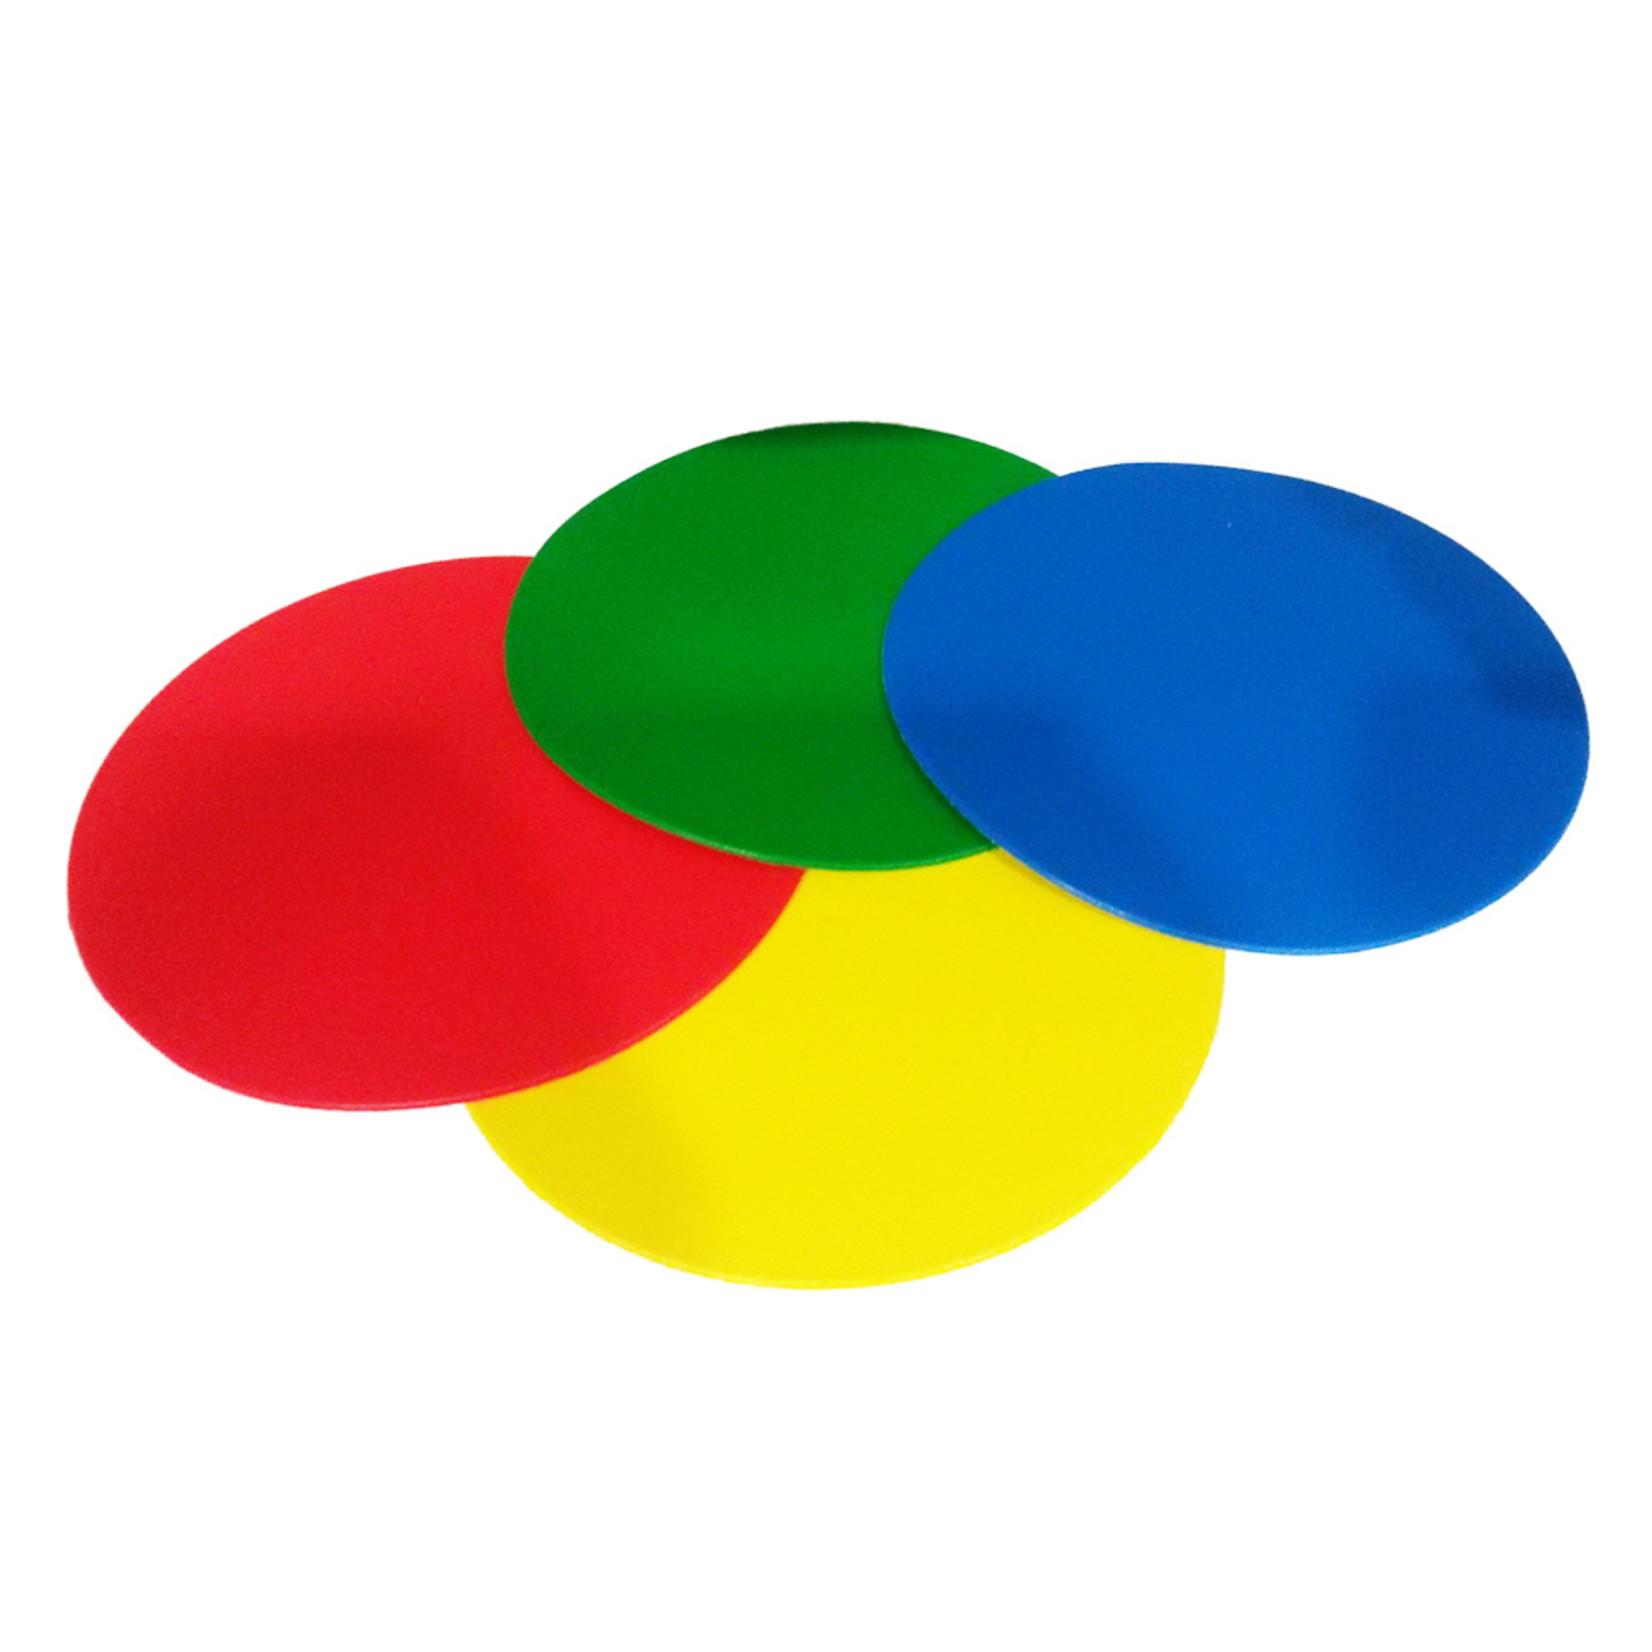 Educ 'o' Disks targetschijven set van 4